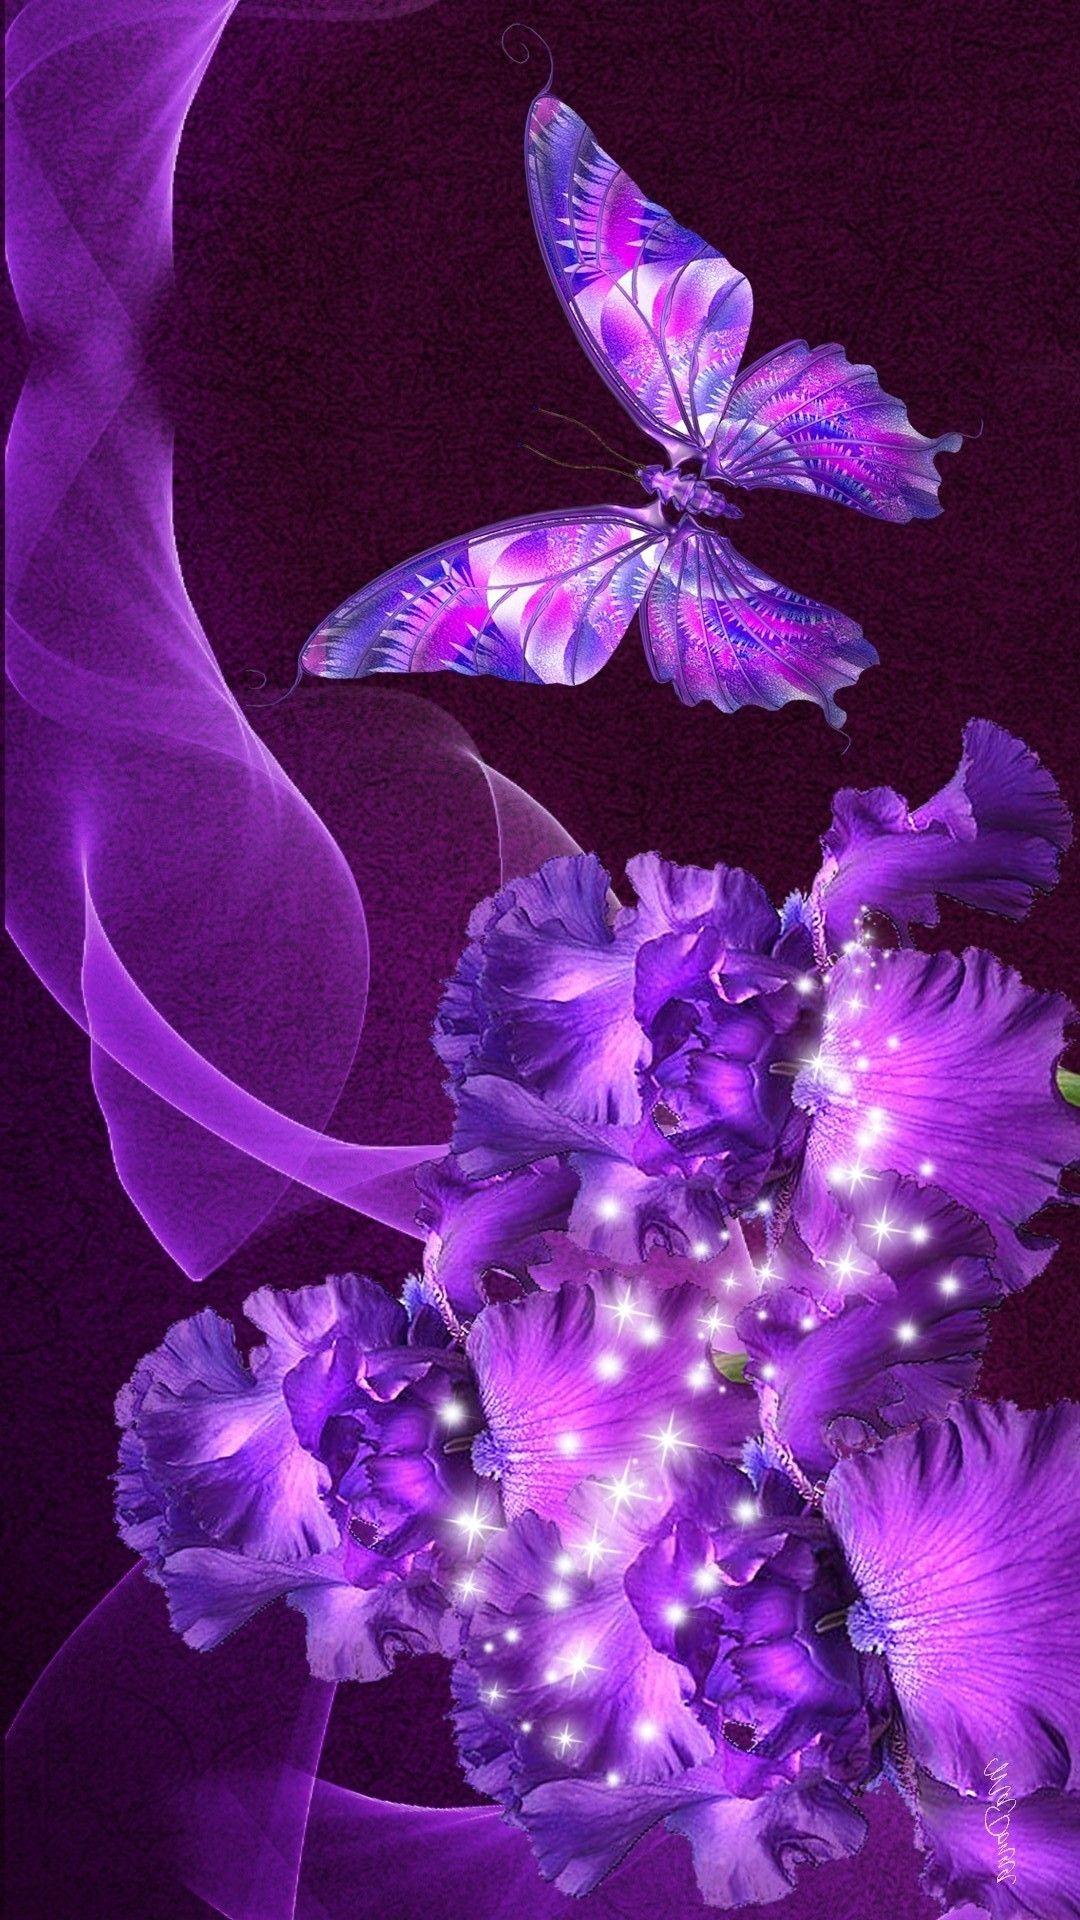 Wallpaper Purple Butterfly Mobile Best HD Wallpapers